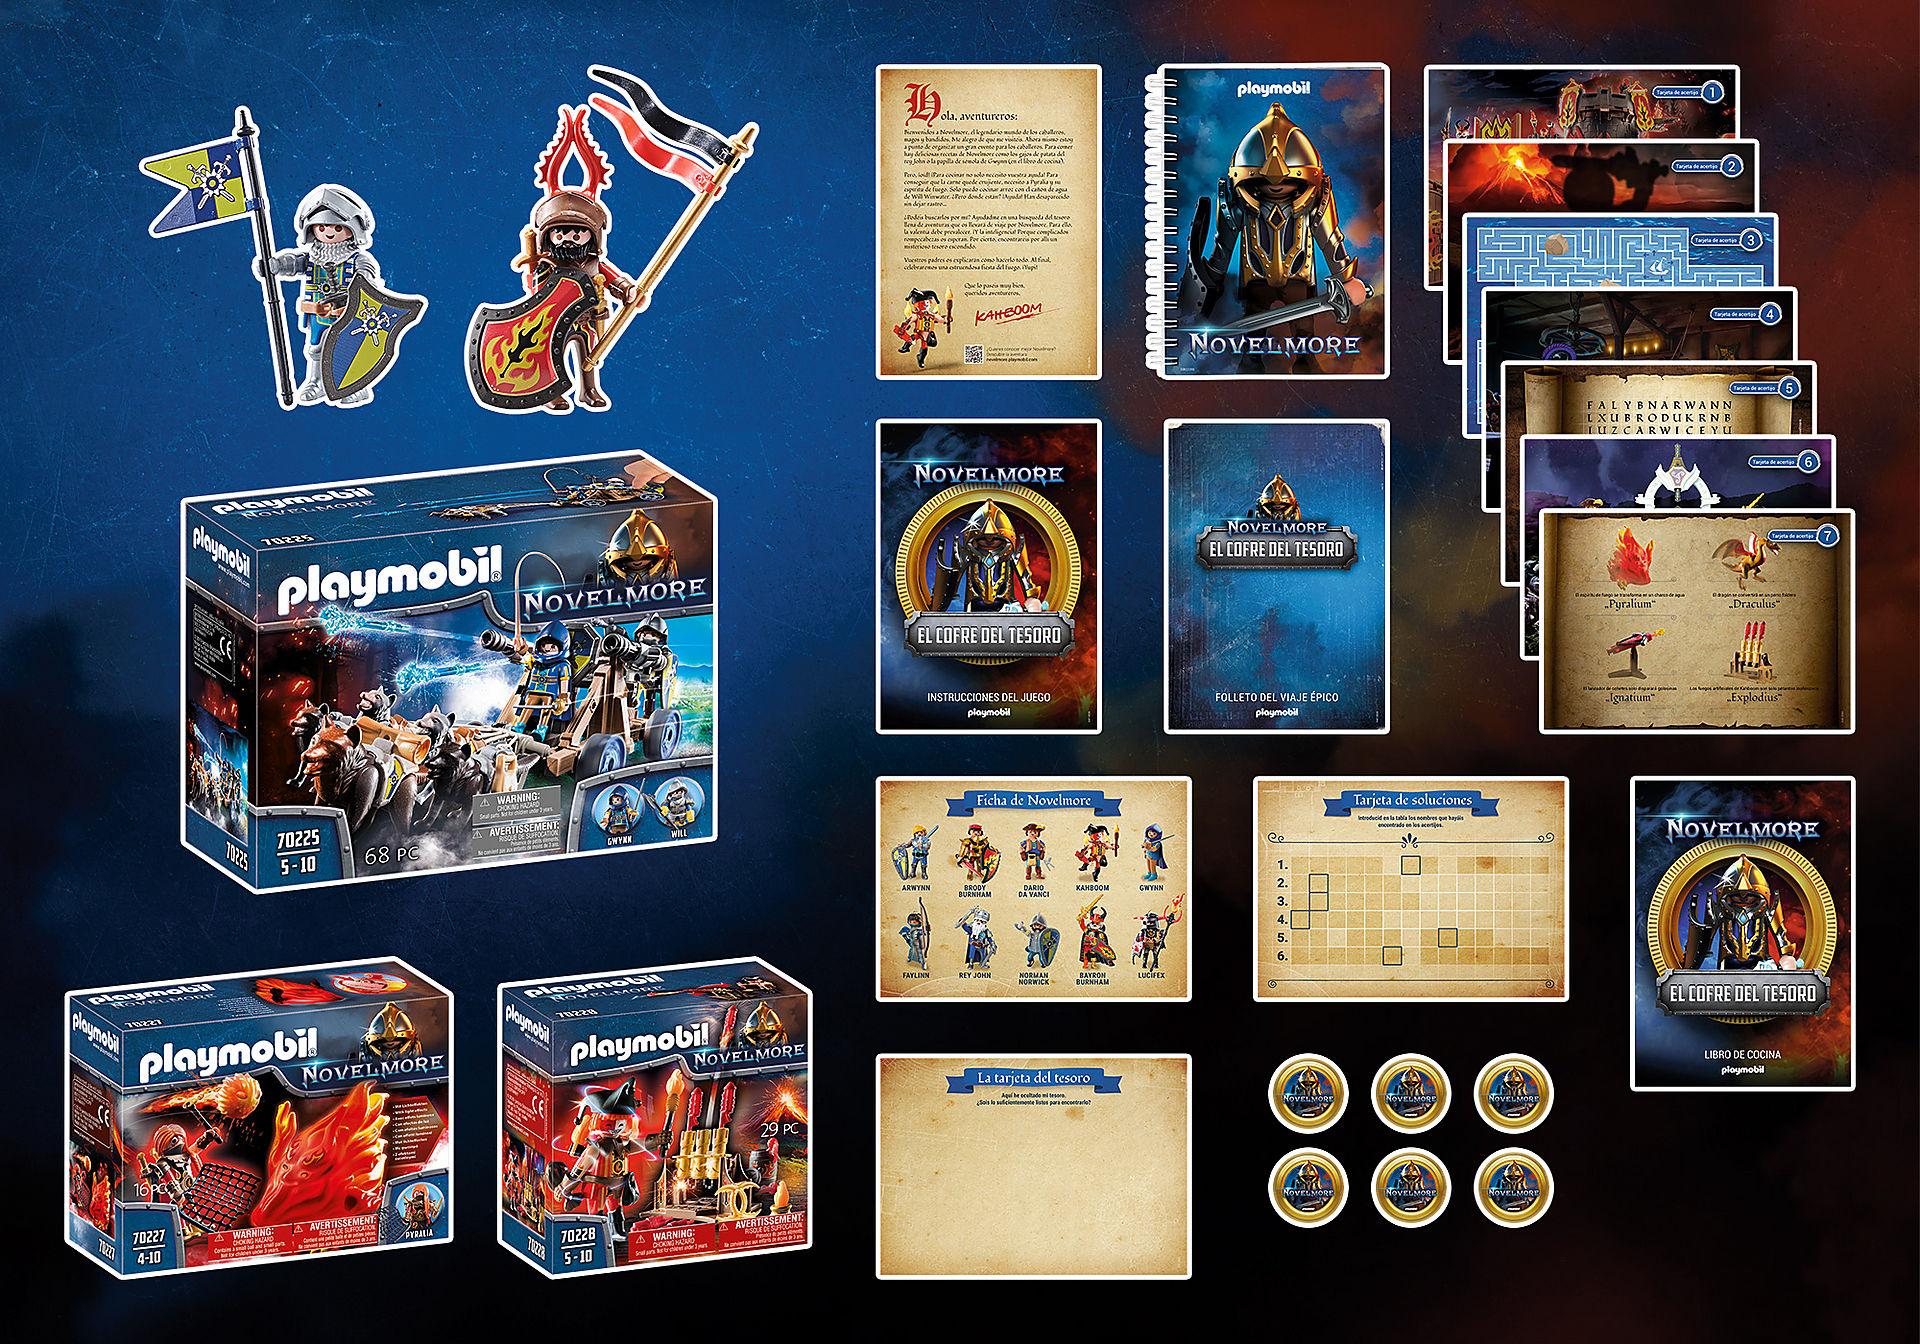 70845 PLAYMOBIL®Box: El Cofre del tesoro de NOVELMORE El evento familiar zoom image3